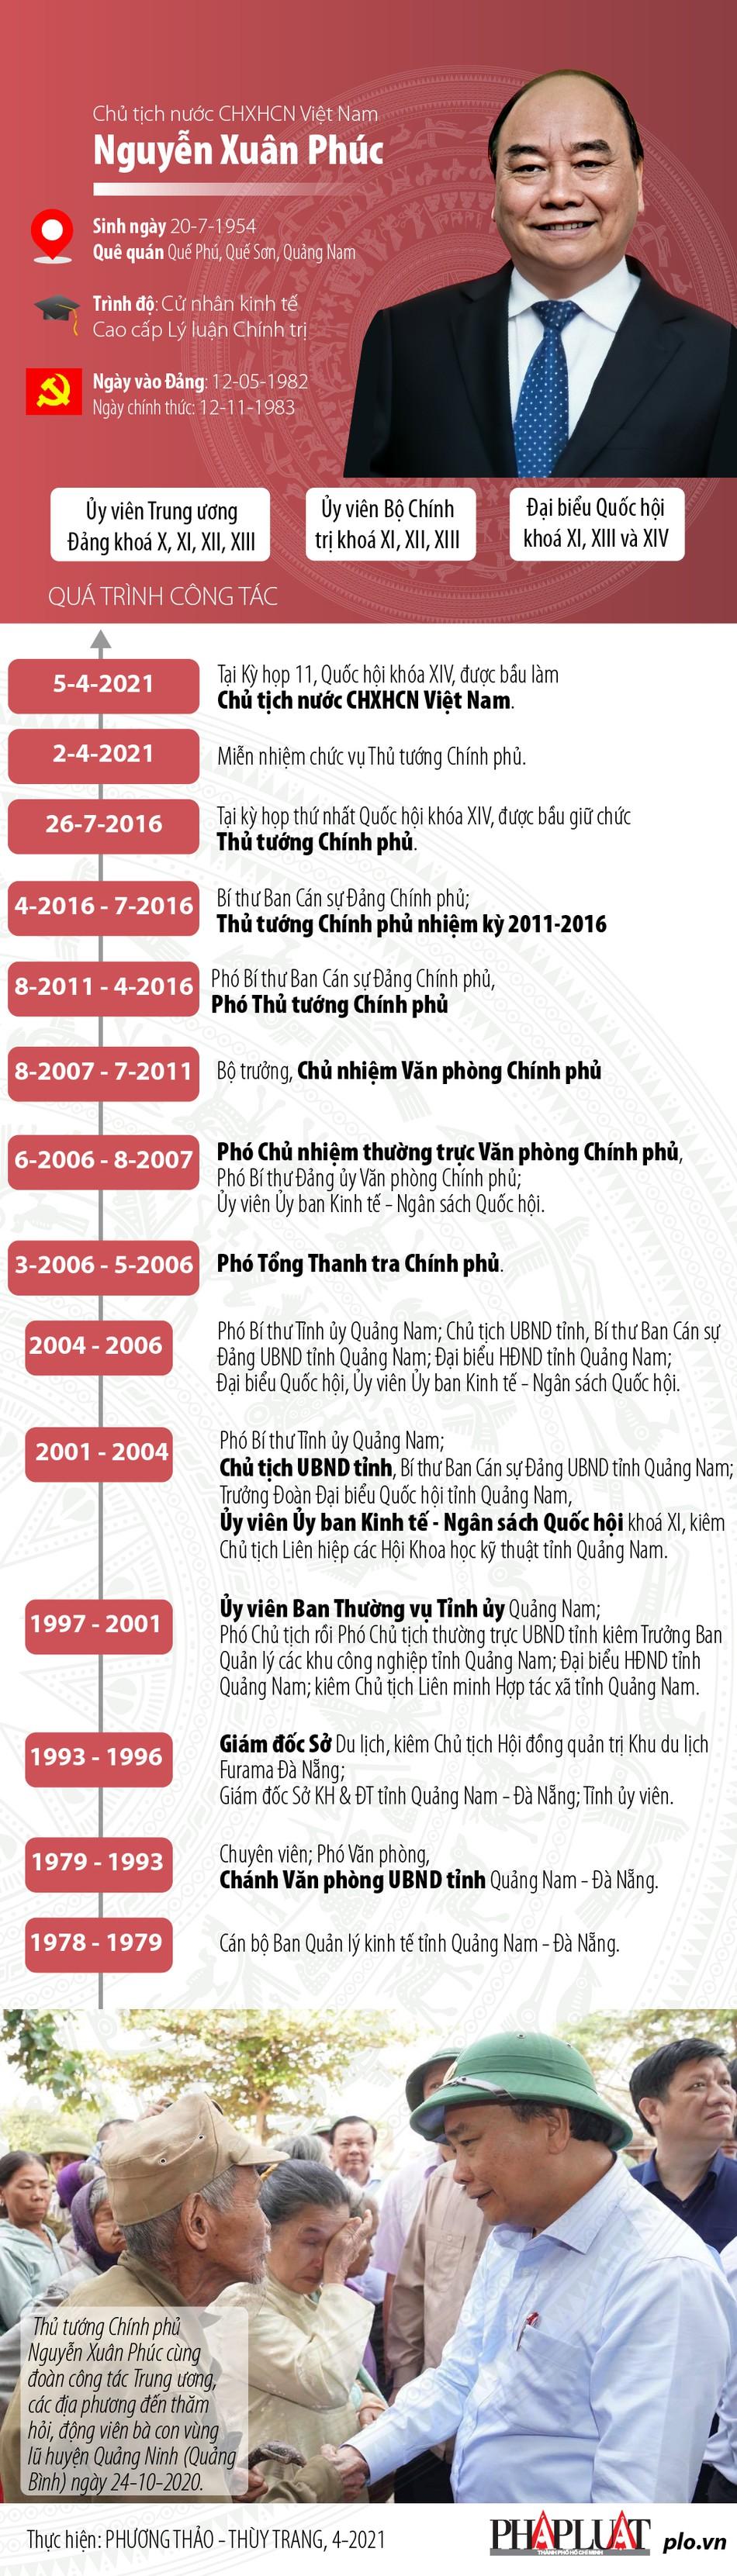 Chân dung tân Chủ tịch nước CHXHCN Việt Nam Nguyễn Xuân Phúc - 1